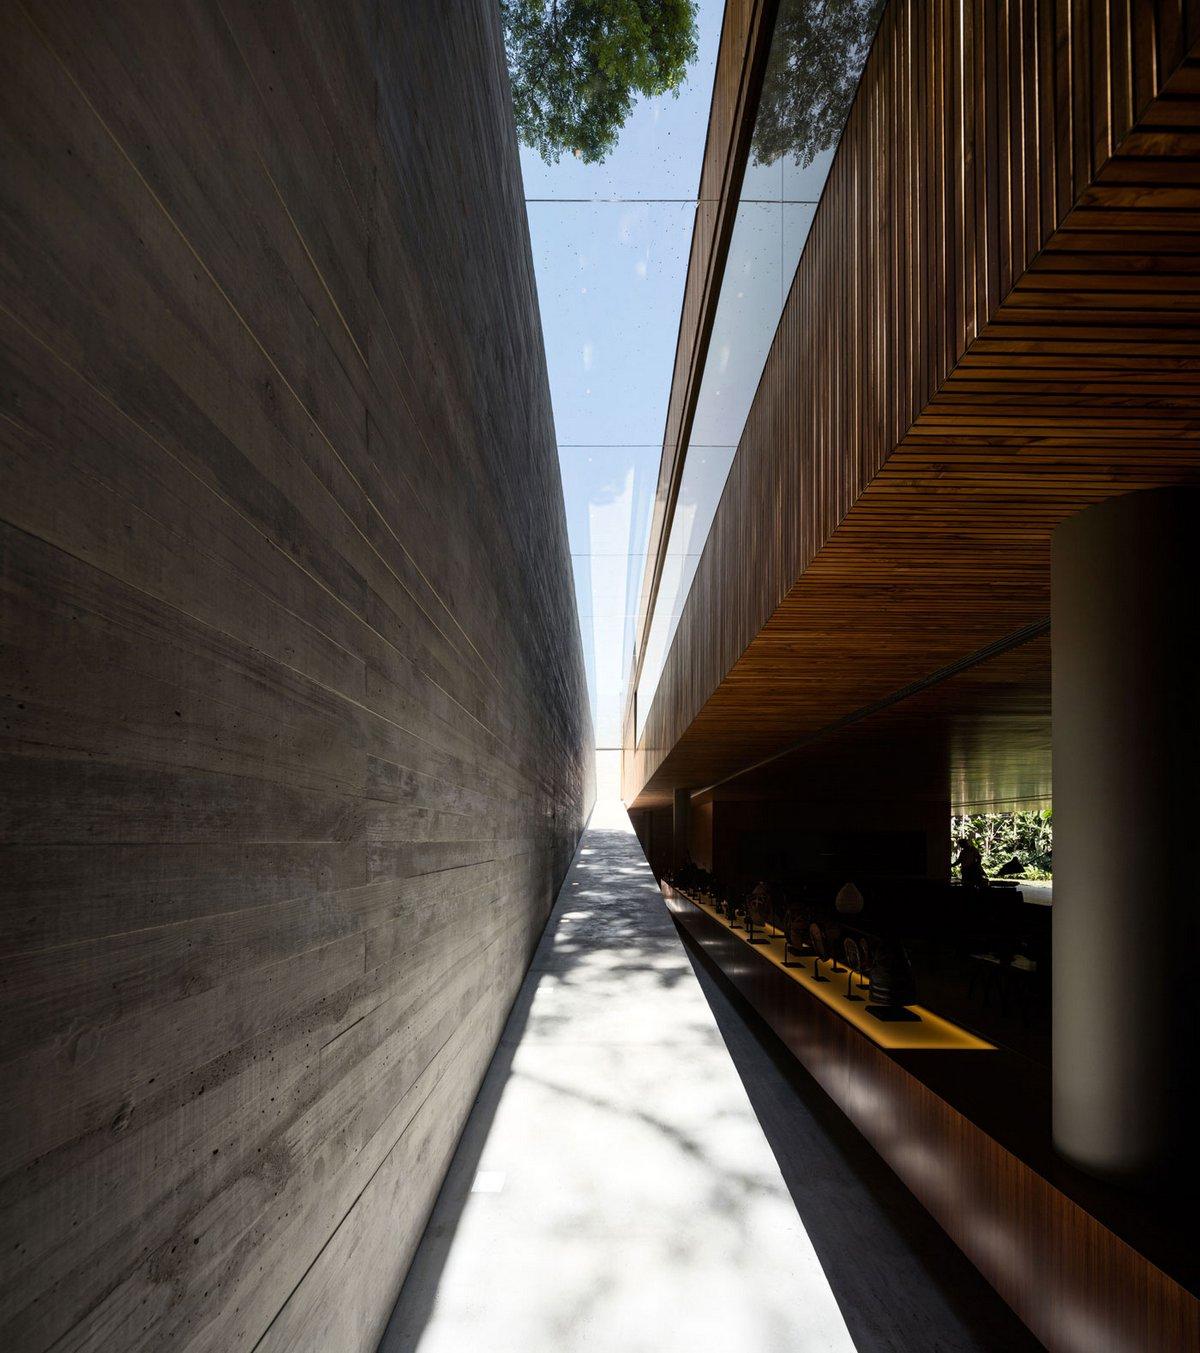 Studio mk27, Ramp House, Дома от Studio mk27, минимализм в интерьере фото, огромный особняк в Бразилии фото, роскошные особняки мира фото